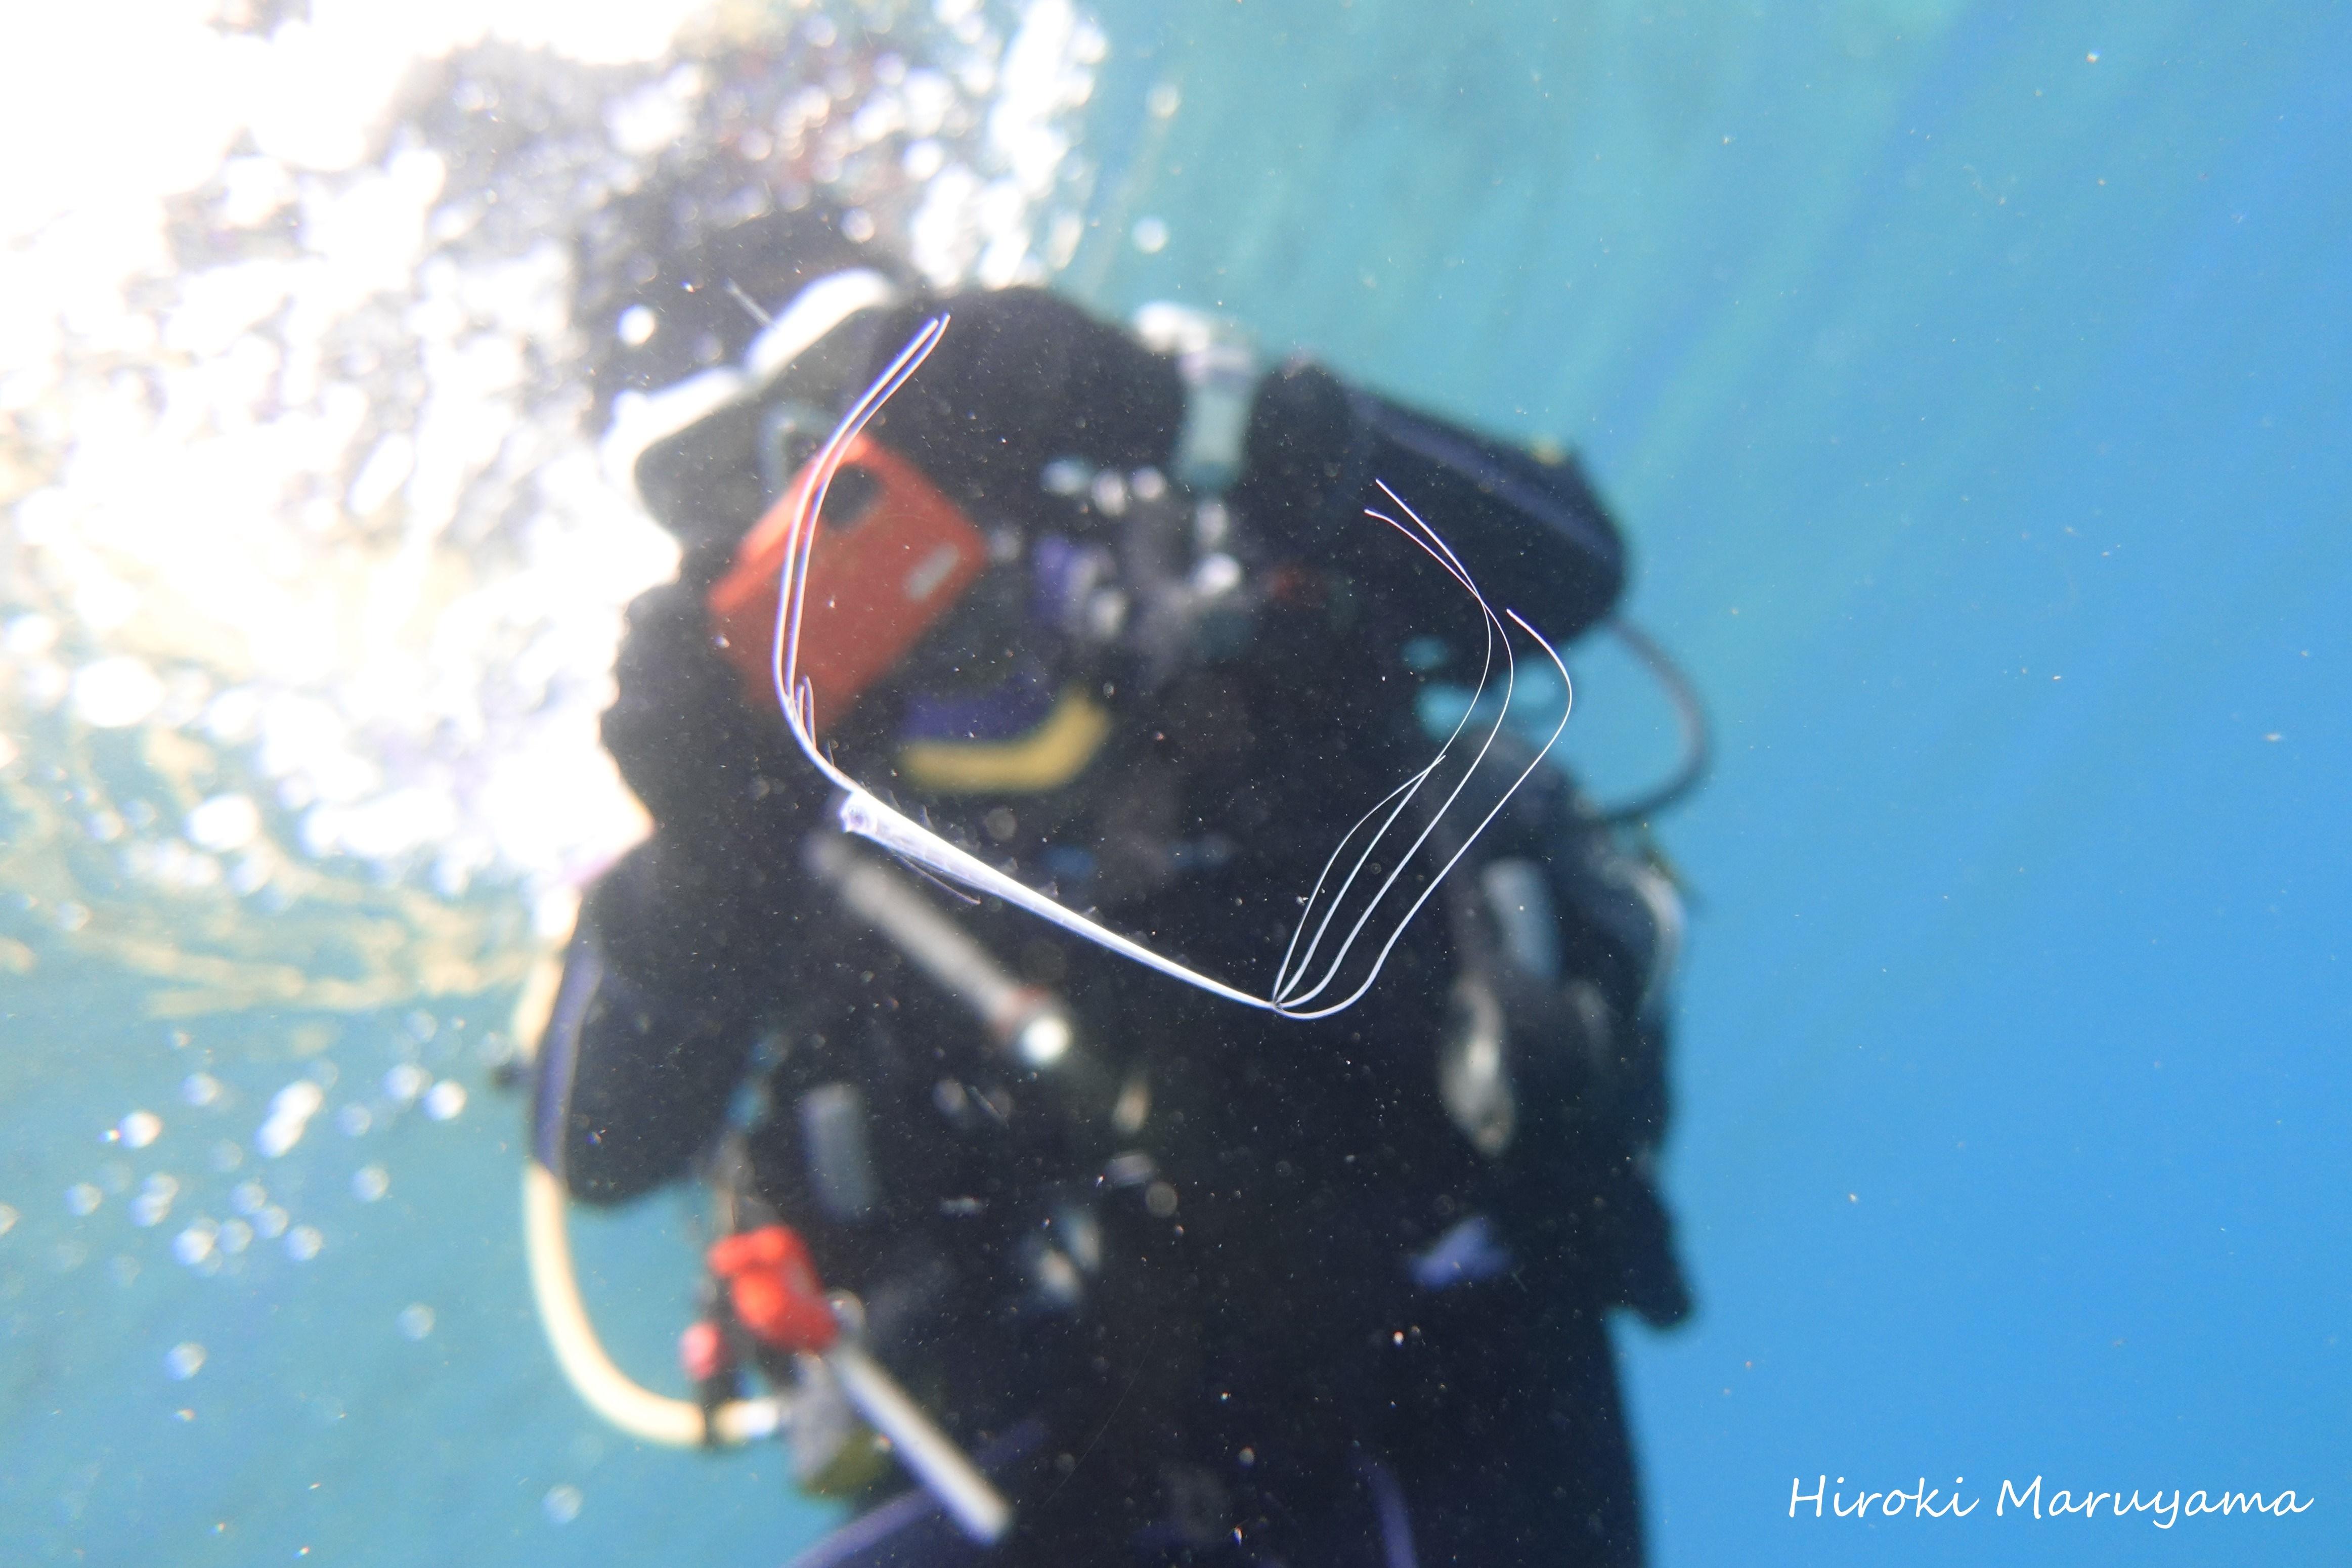 竜宮の使い,りゅうぐうのつかい,リュウグウノツカイ幼魚,リュウグウノツカイダイビング (2)